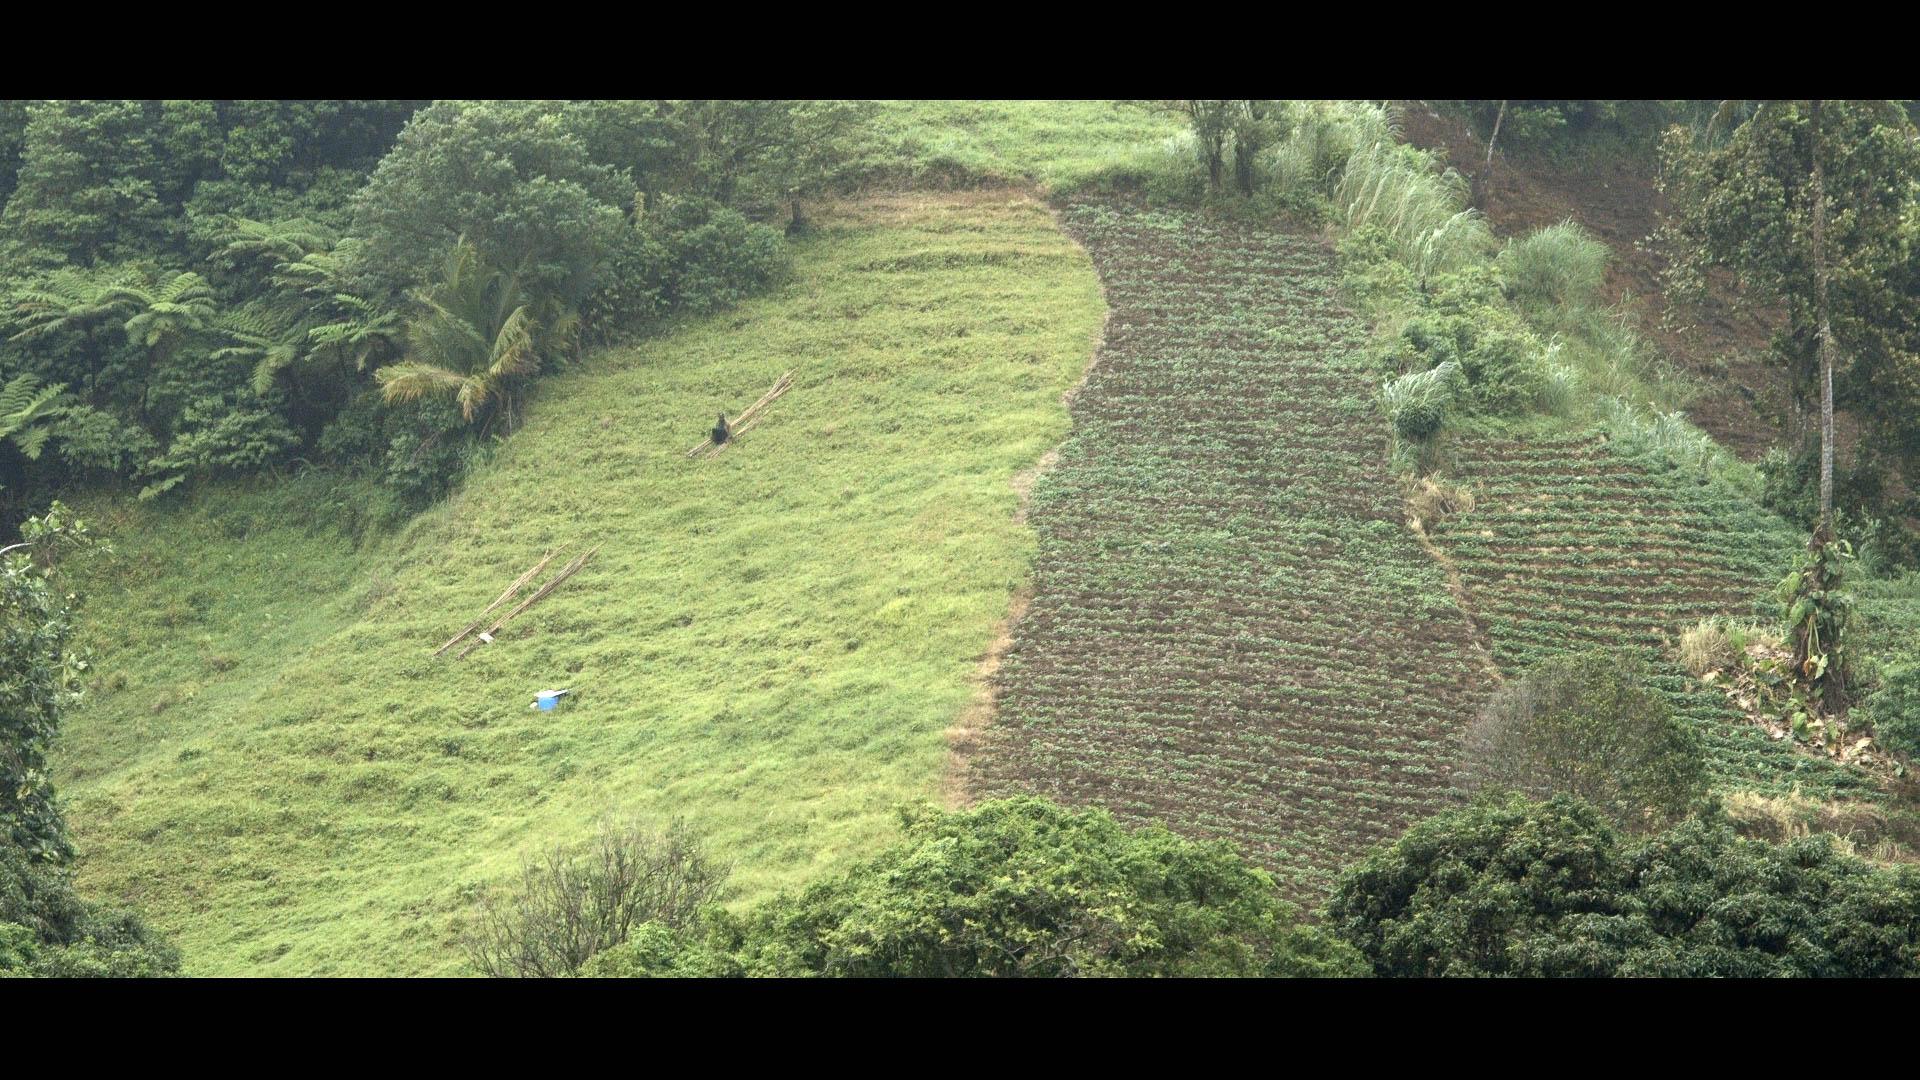 Terraced Farming - Mesopotamia Valley, St Vincent - Video Still